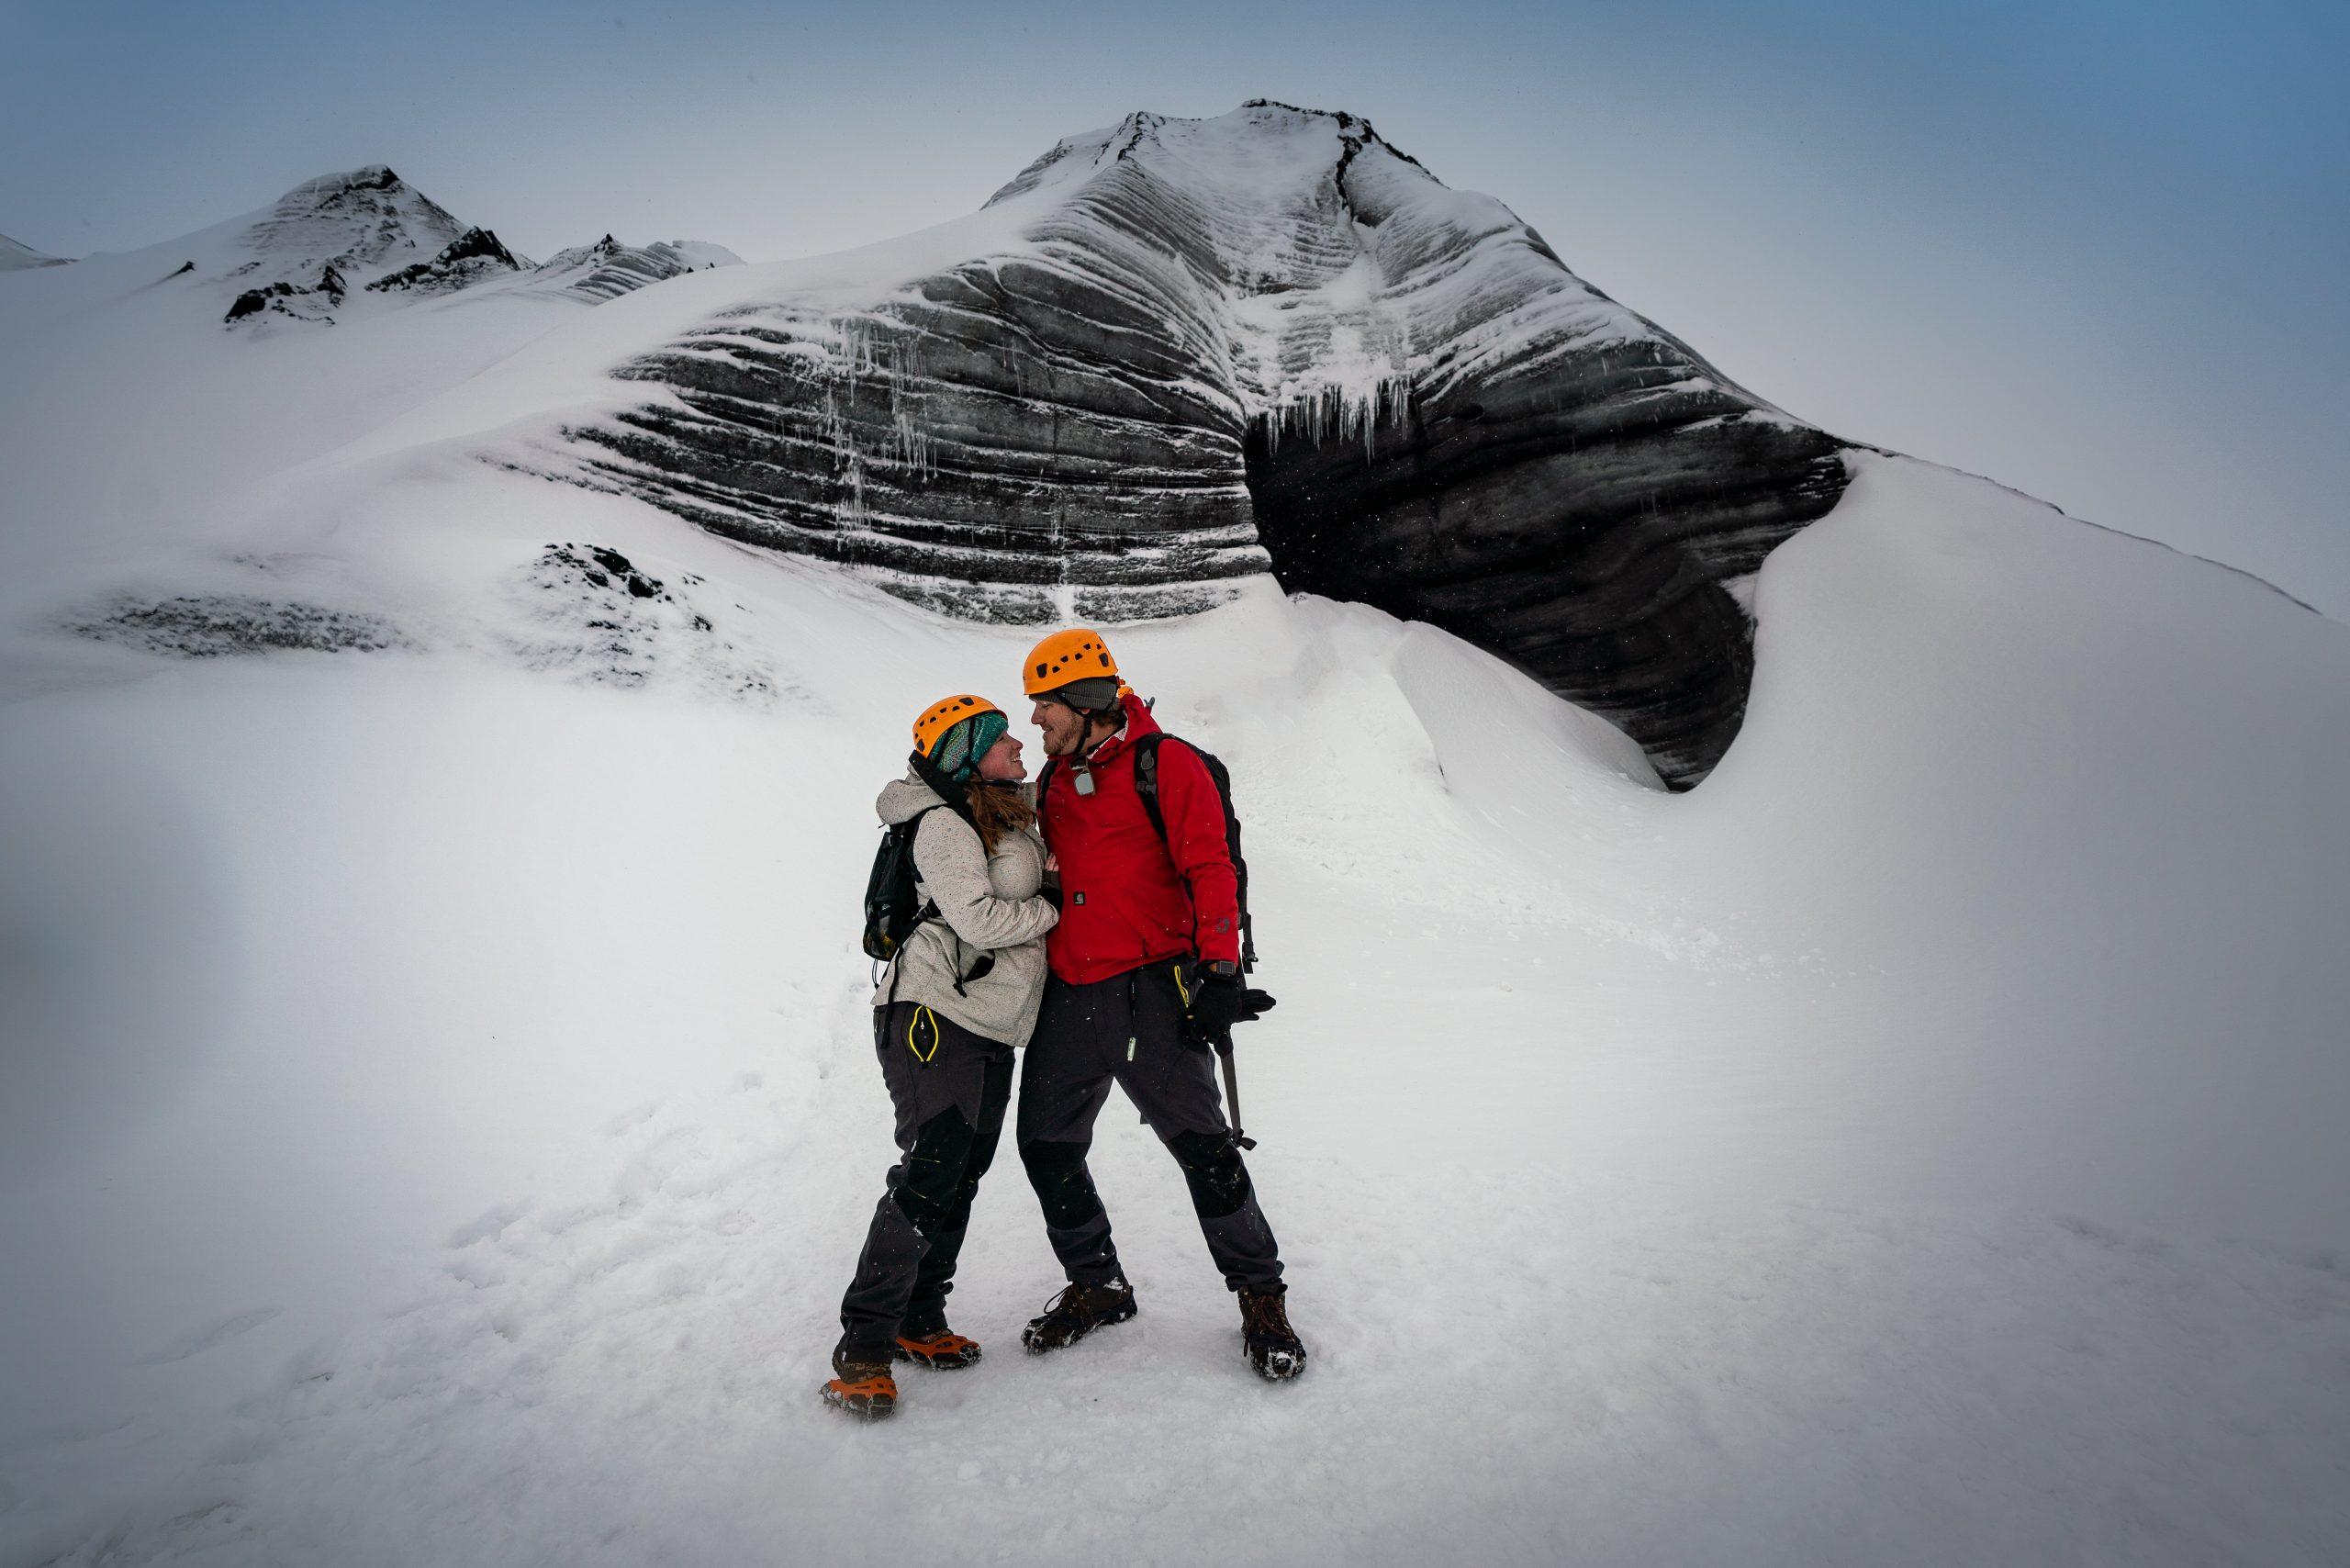 YFFUK Phil Endicott Morgan Myrdalsjokull Iceland engagement story 1